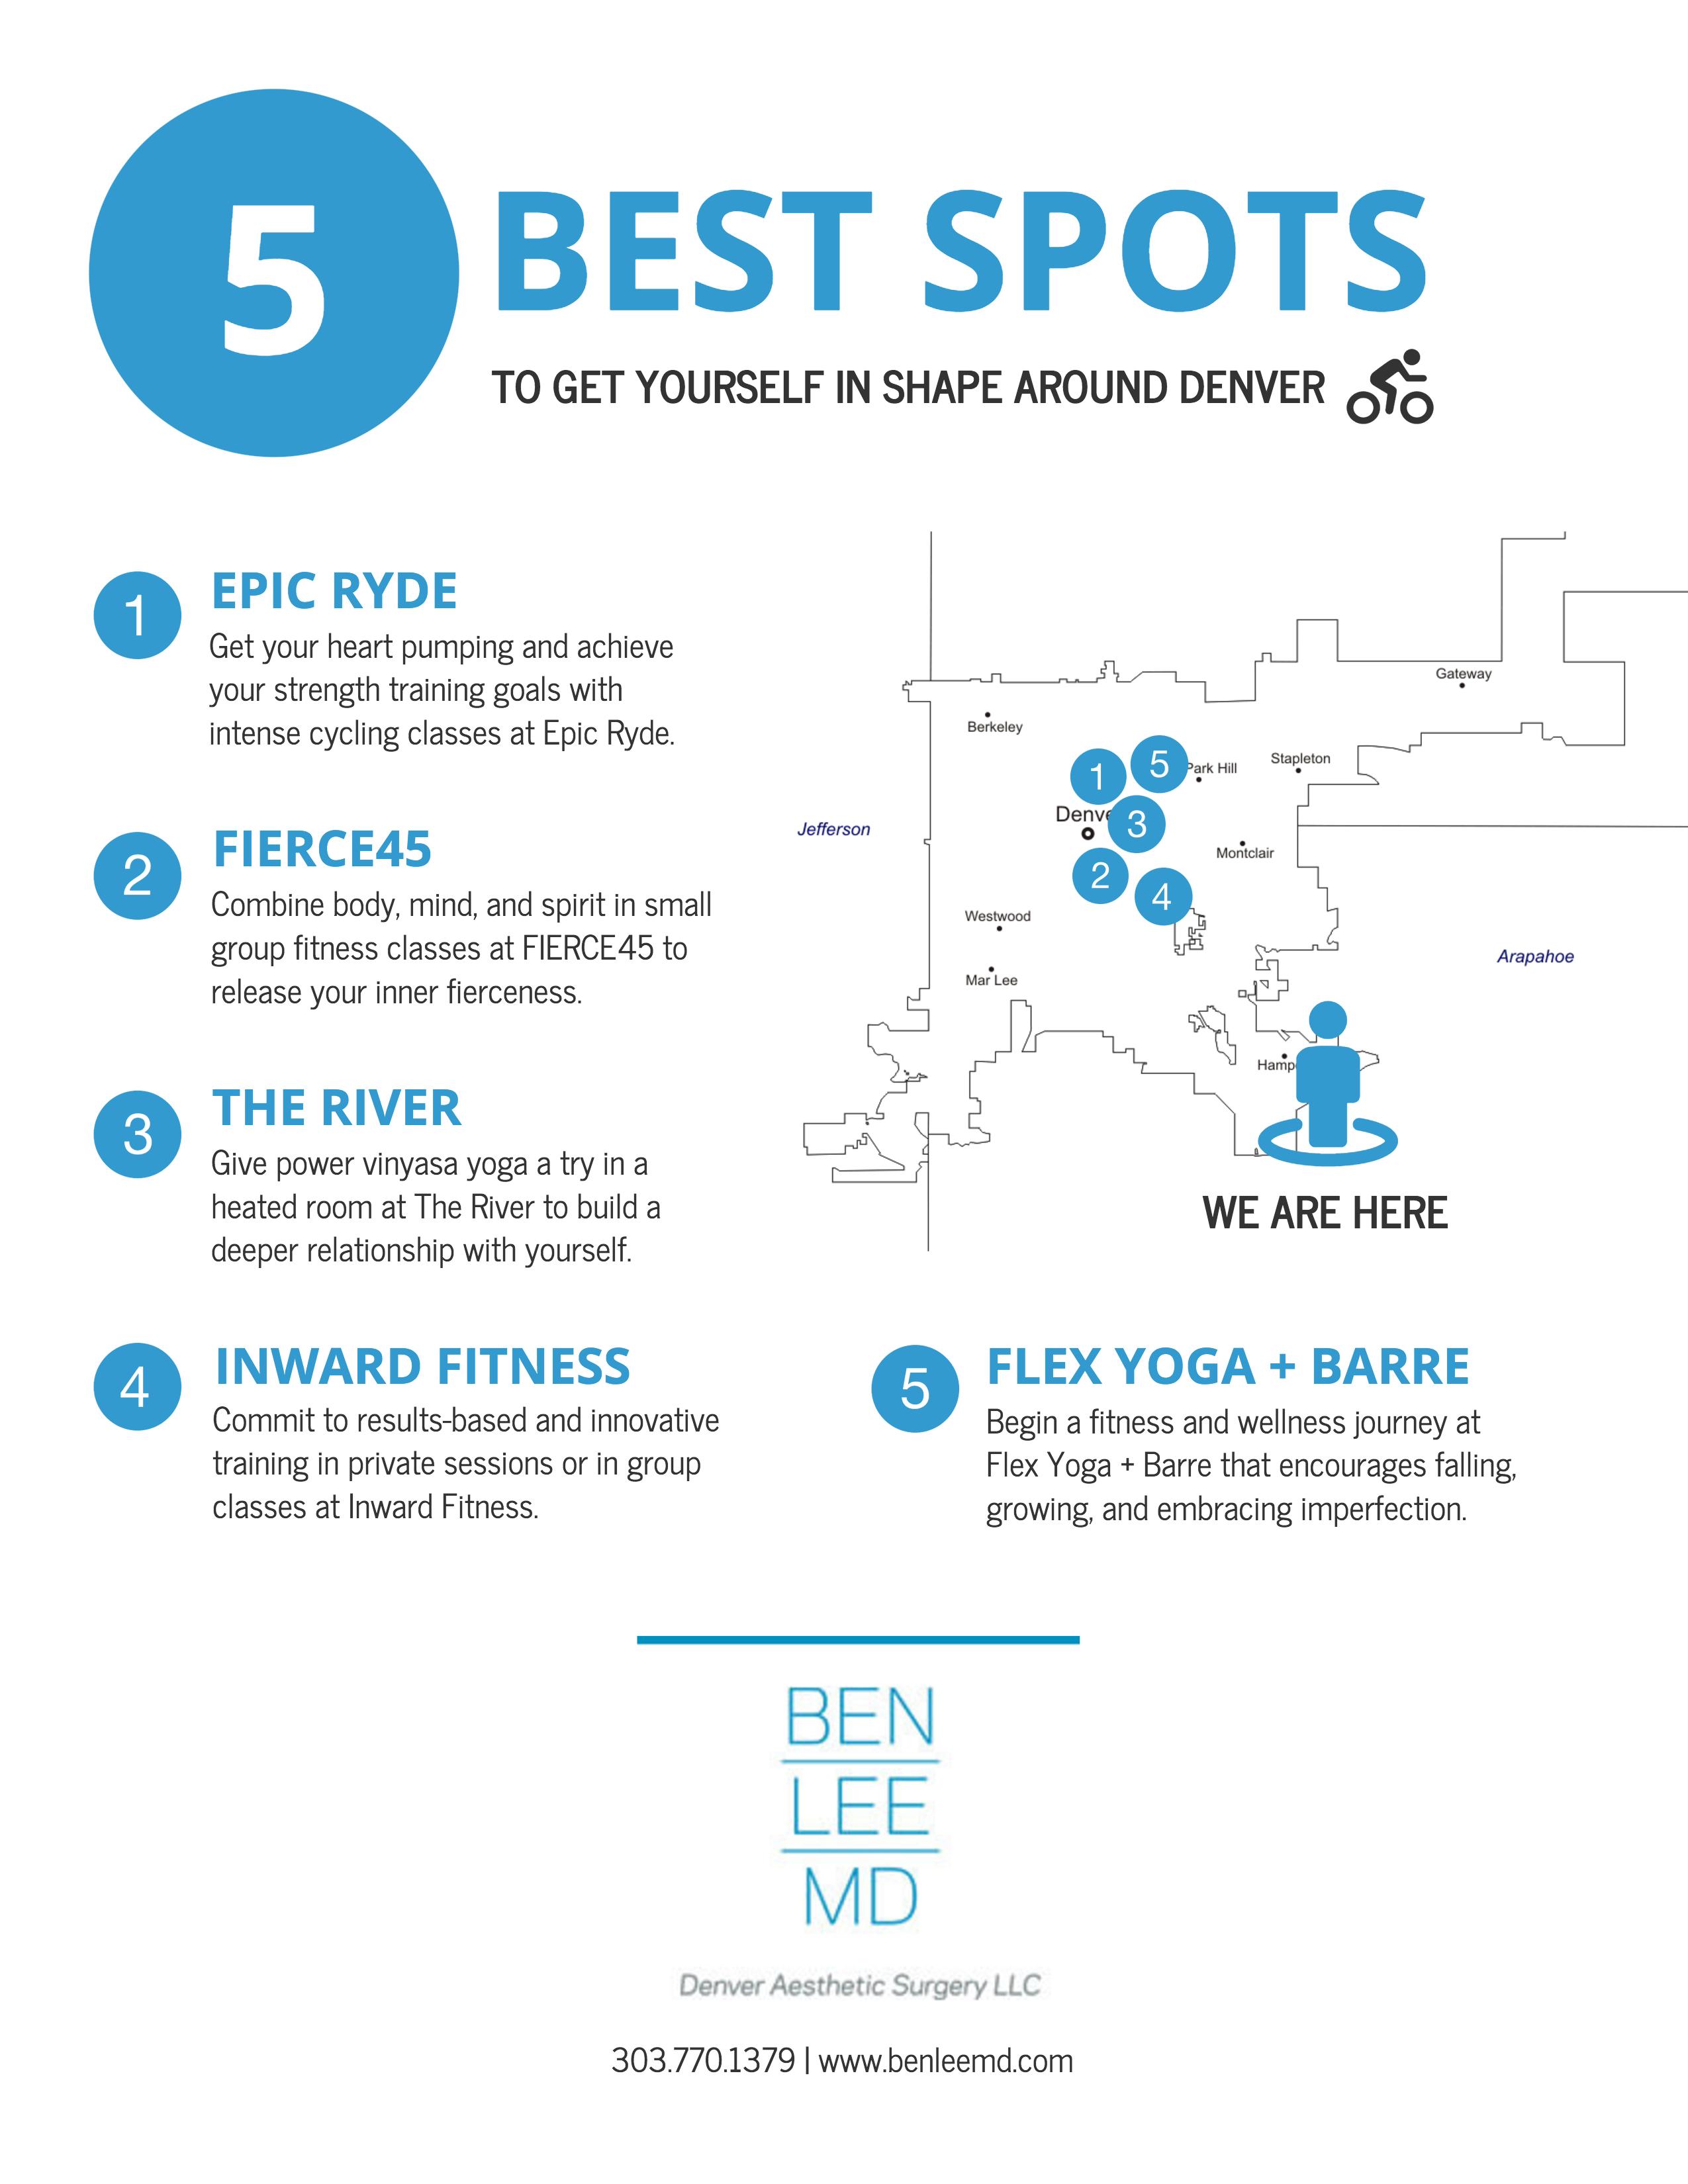 5 Best Spots to Get Fit Around Denver